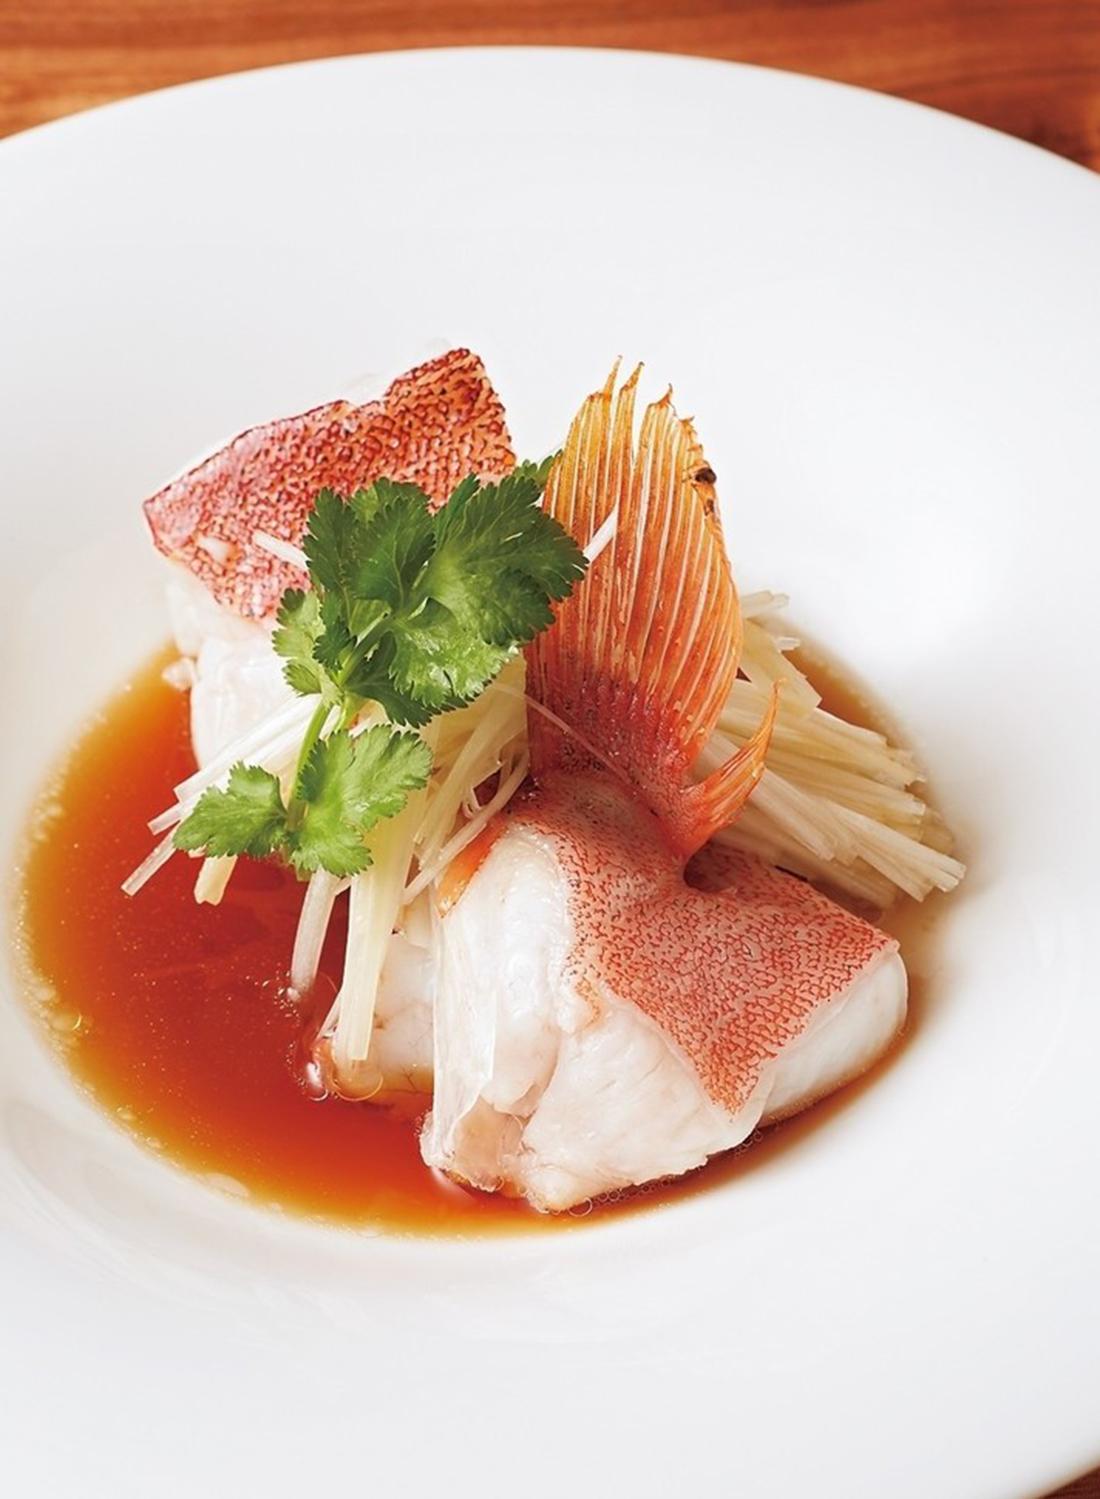 東星ハタの清蒸香港スタイル葱生姜のフィッシュ醤油ソース。